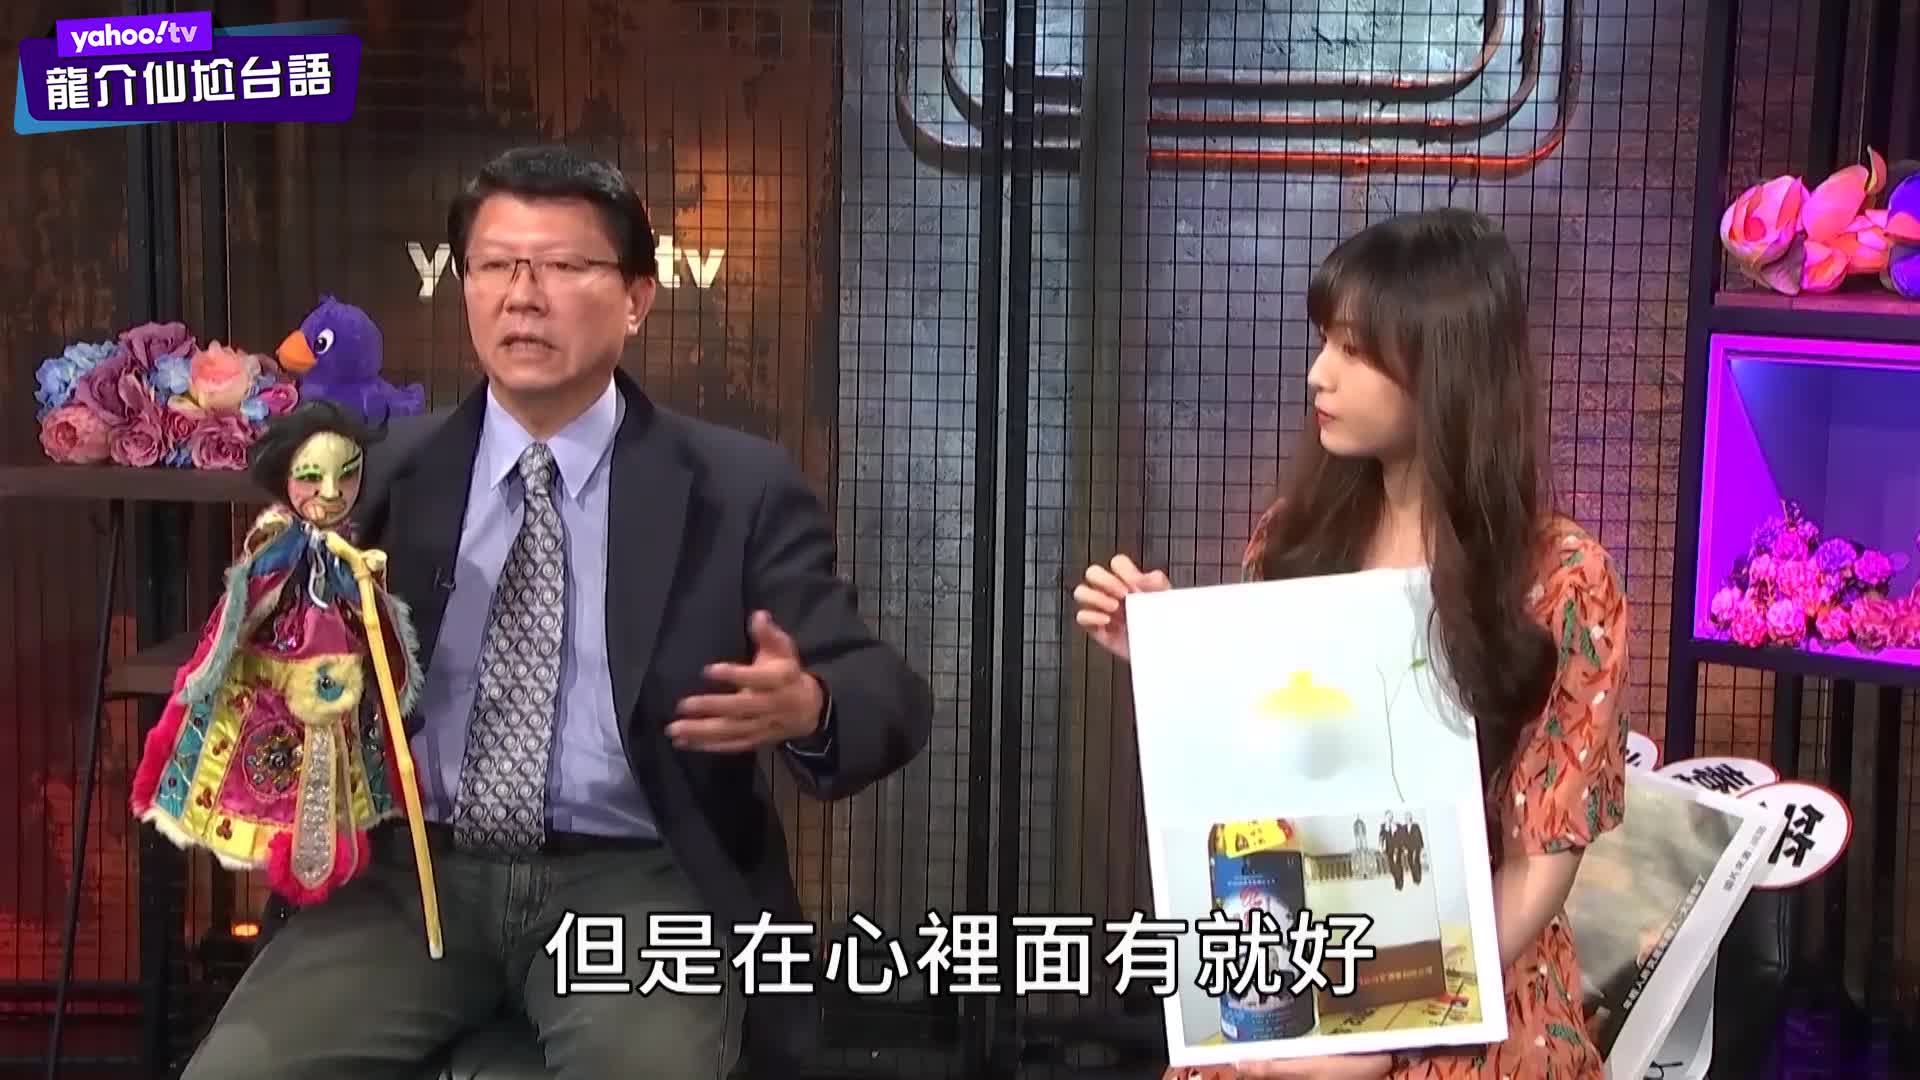 龍介仙尬台語 520國旗放心裡就好?